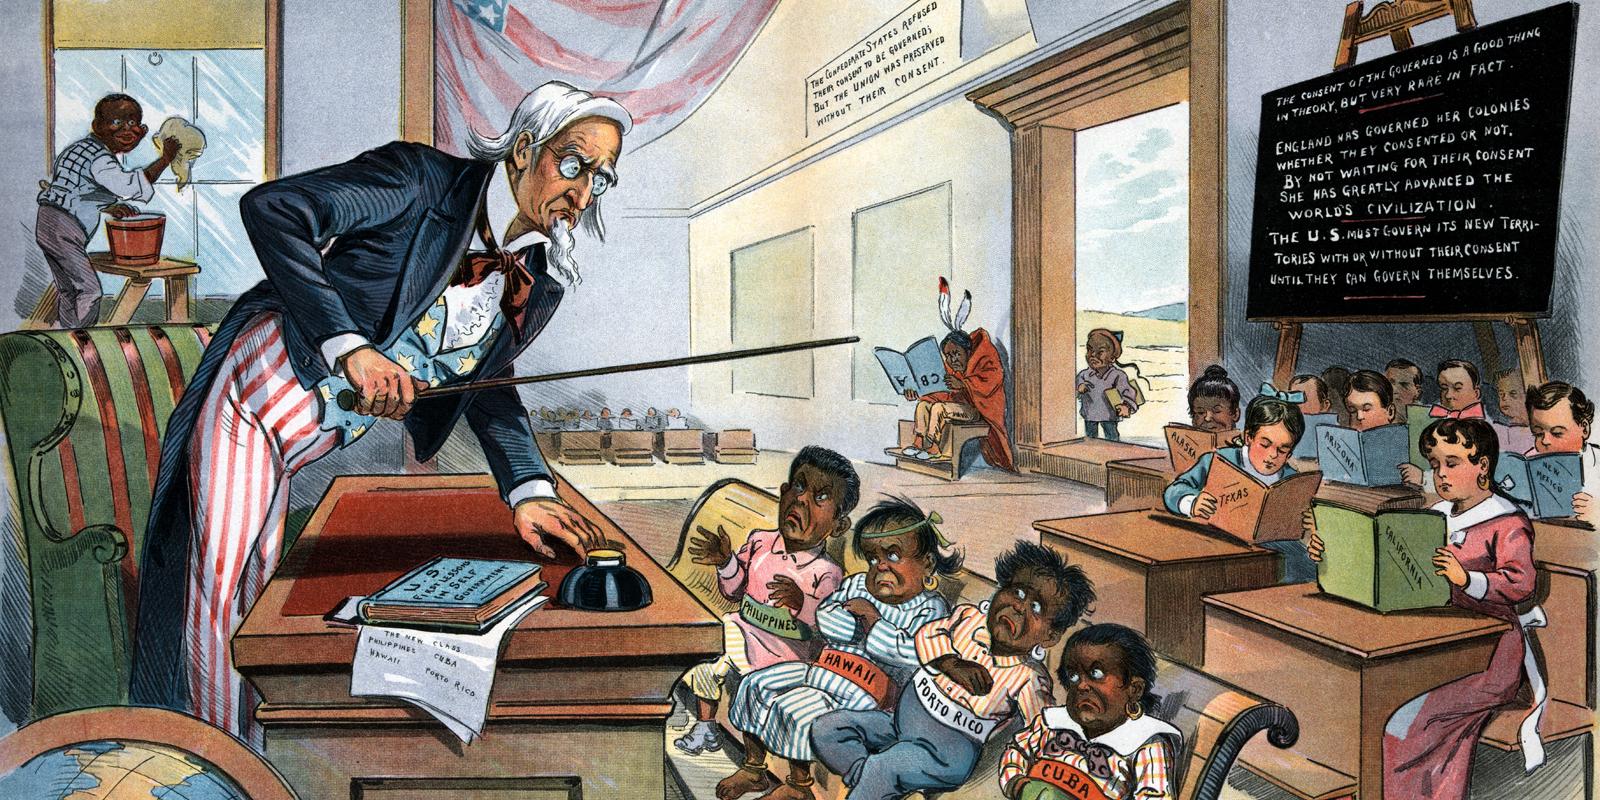 US Imperialist cartoon